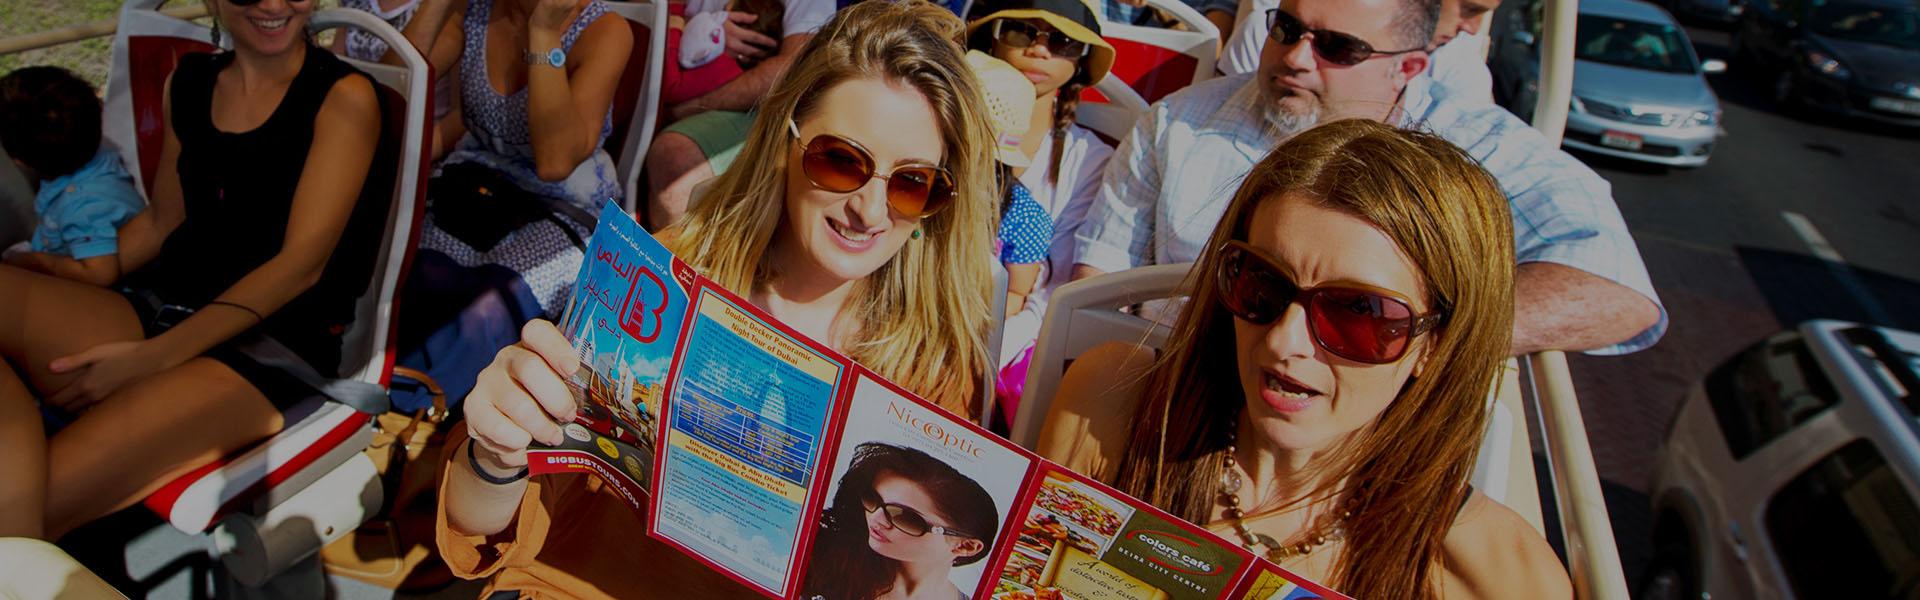 Tourists looking at Big Bus Dubai Map